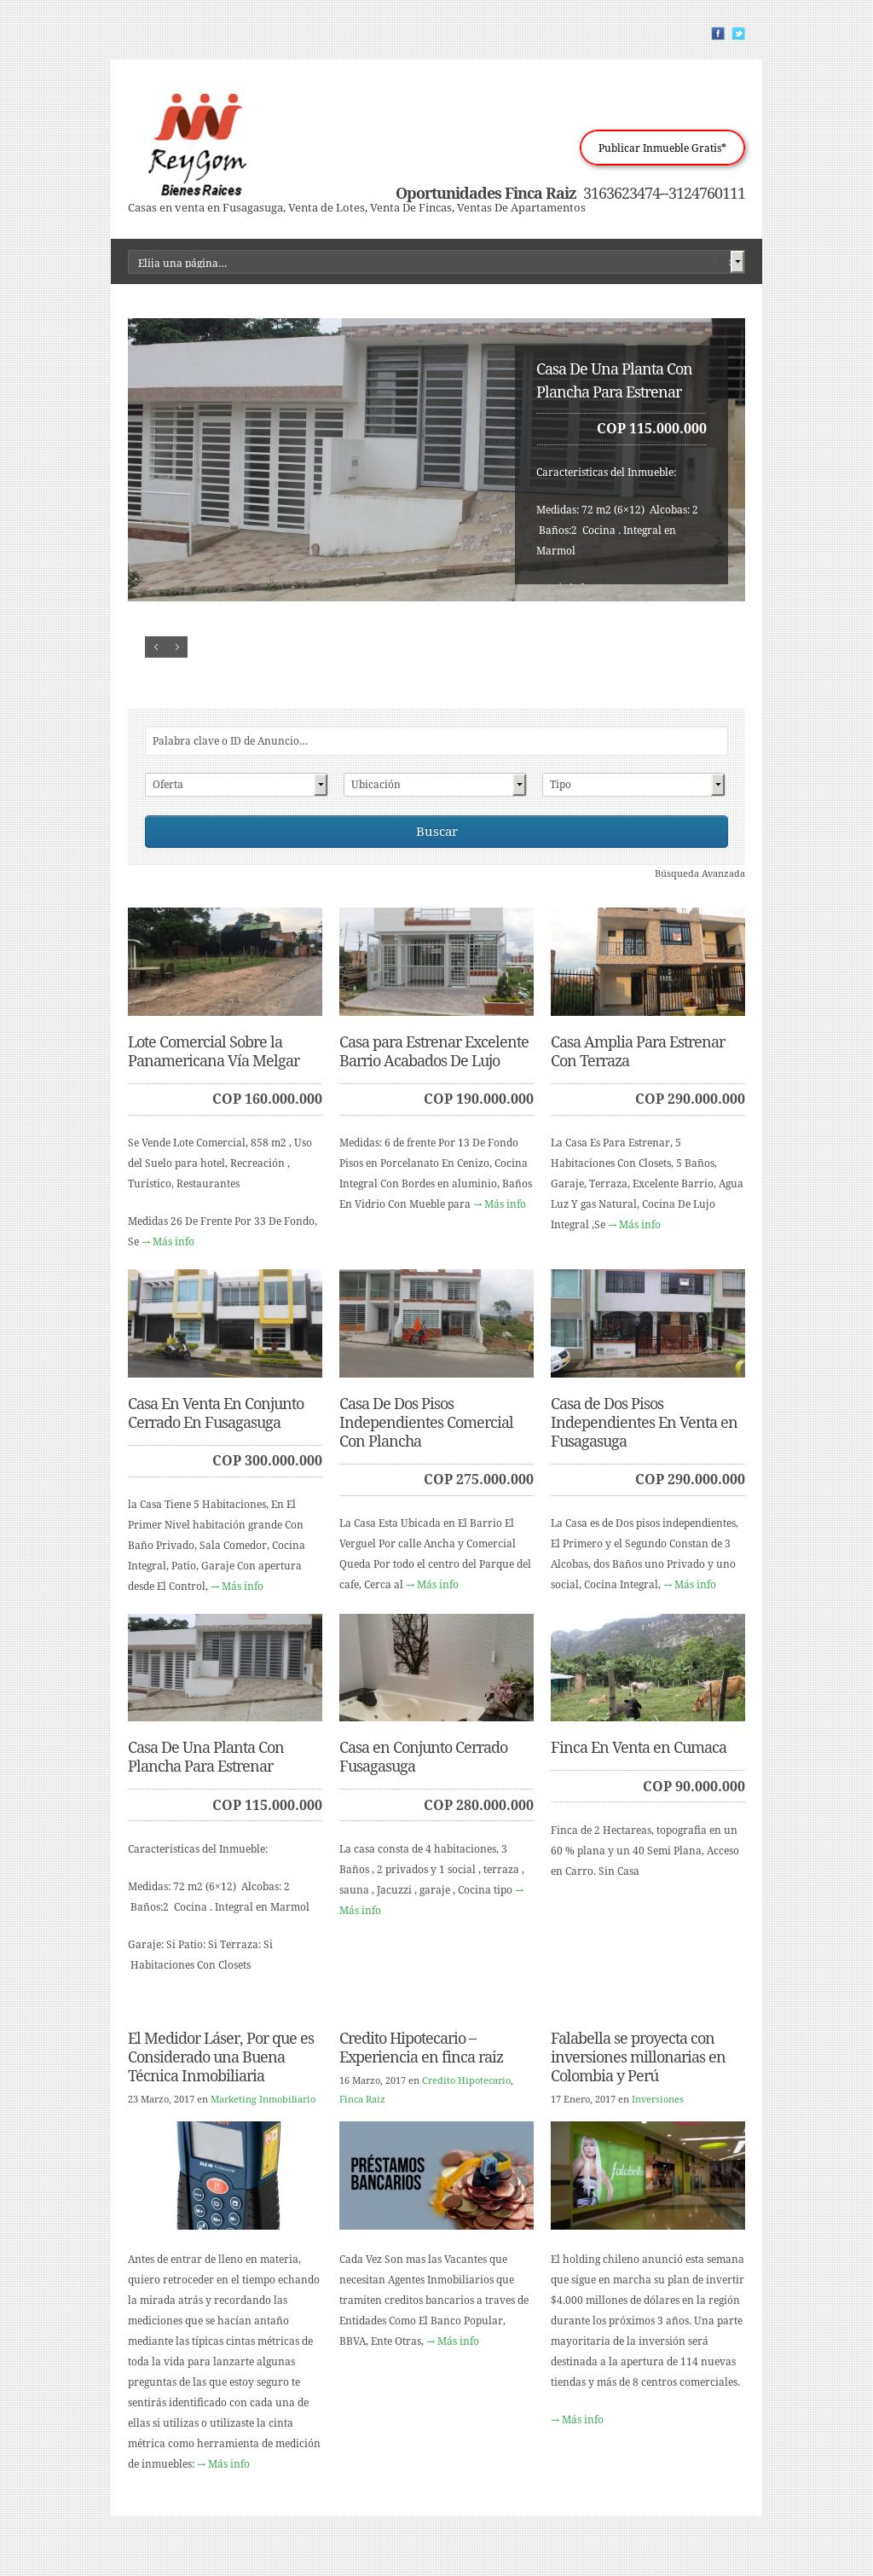 Portal Inmobiliario De Colombia Reygom S A S Competitors